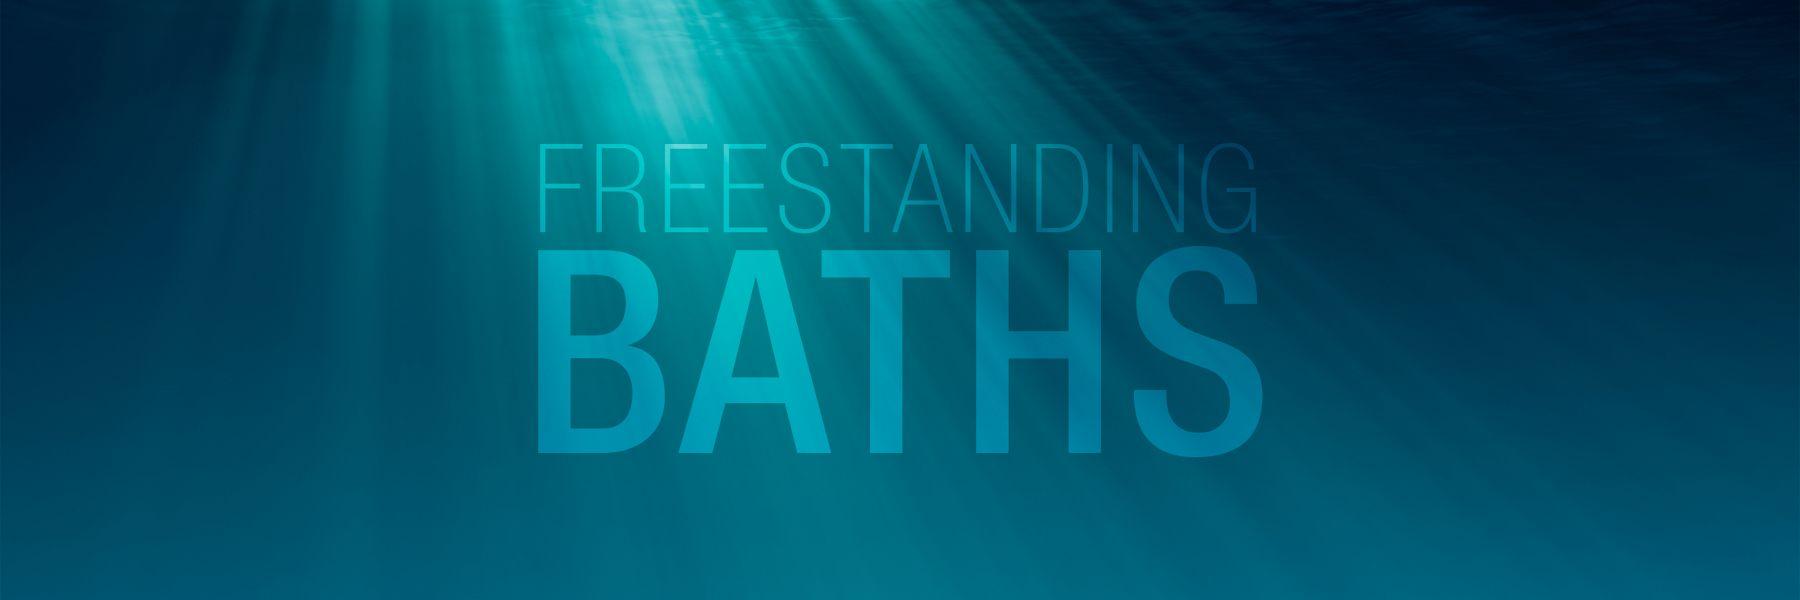 Freestanding Baths | KOHLER